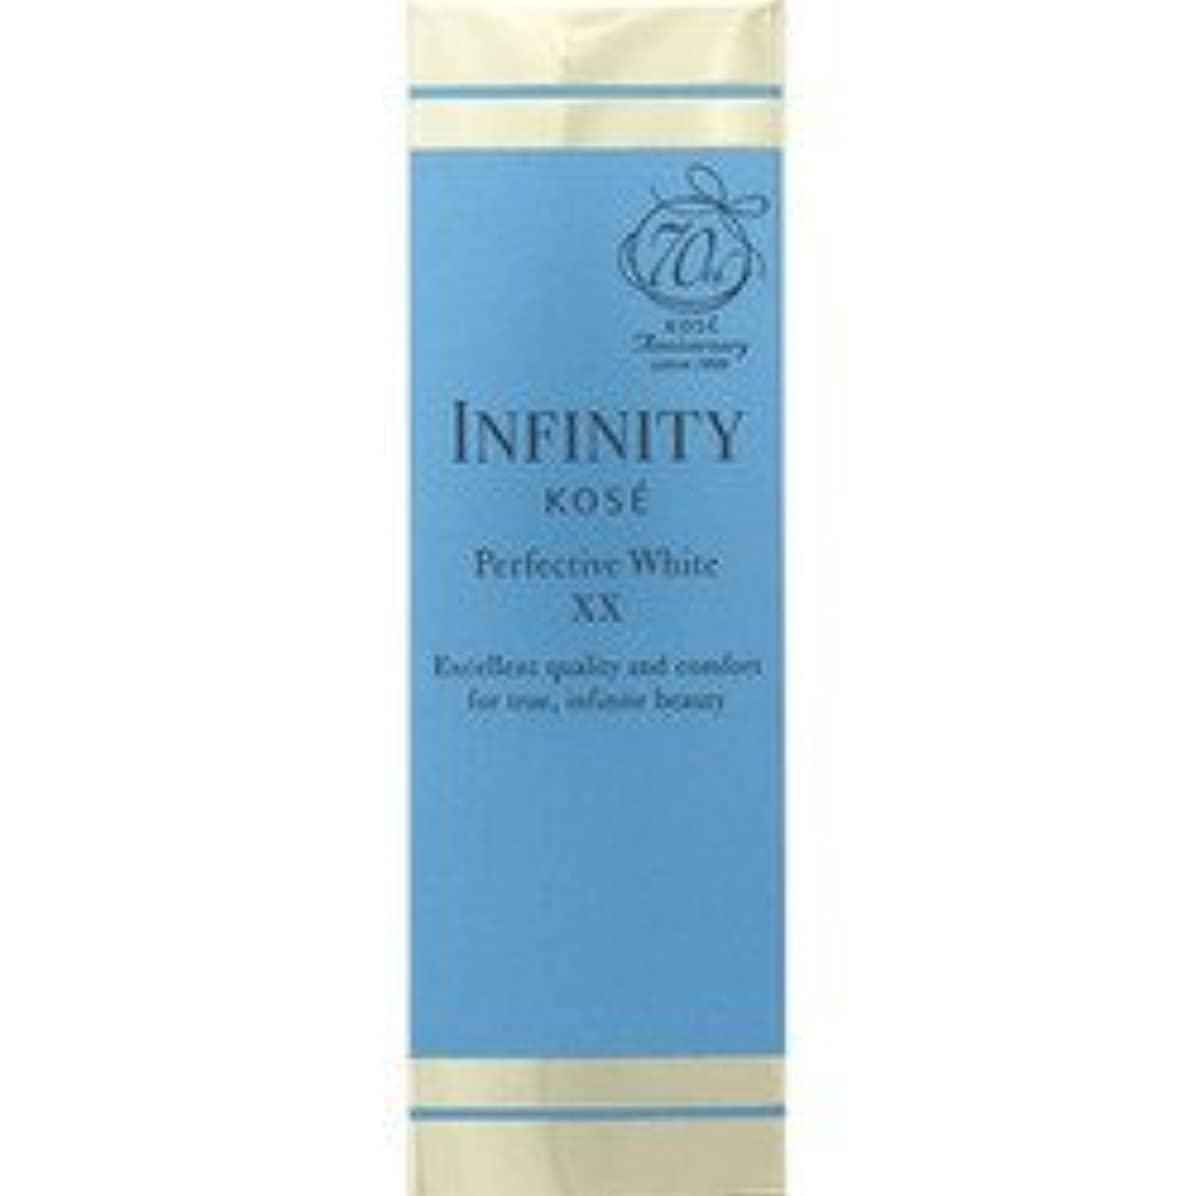 ブランク縫い目親密なインフィニティ(INFINITY) パーフェクトティブ ホワイト XX 40ml